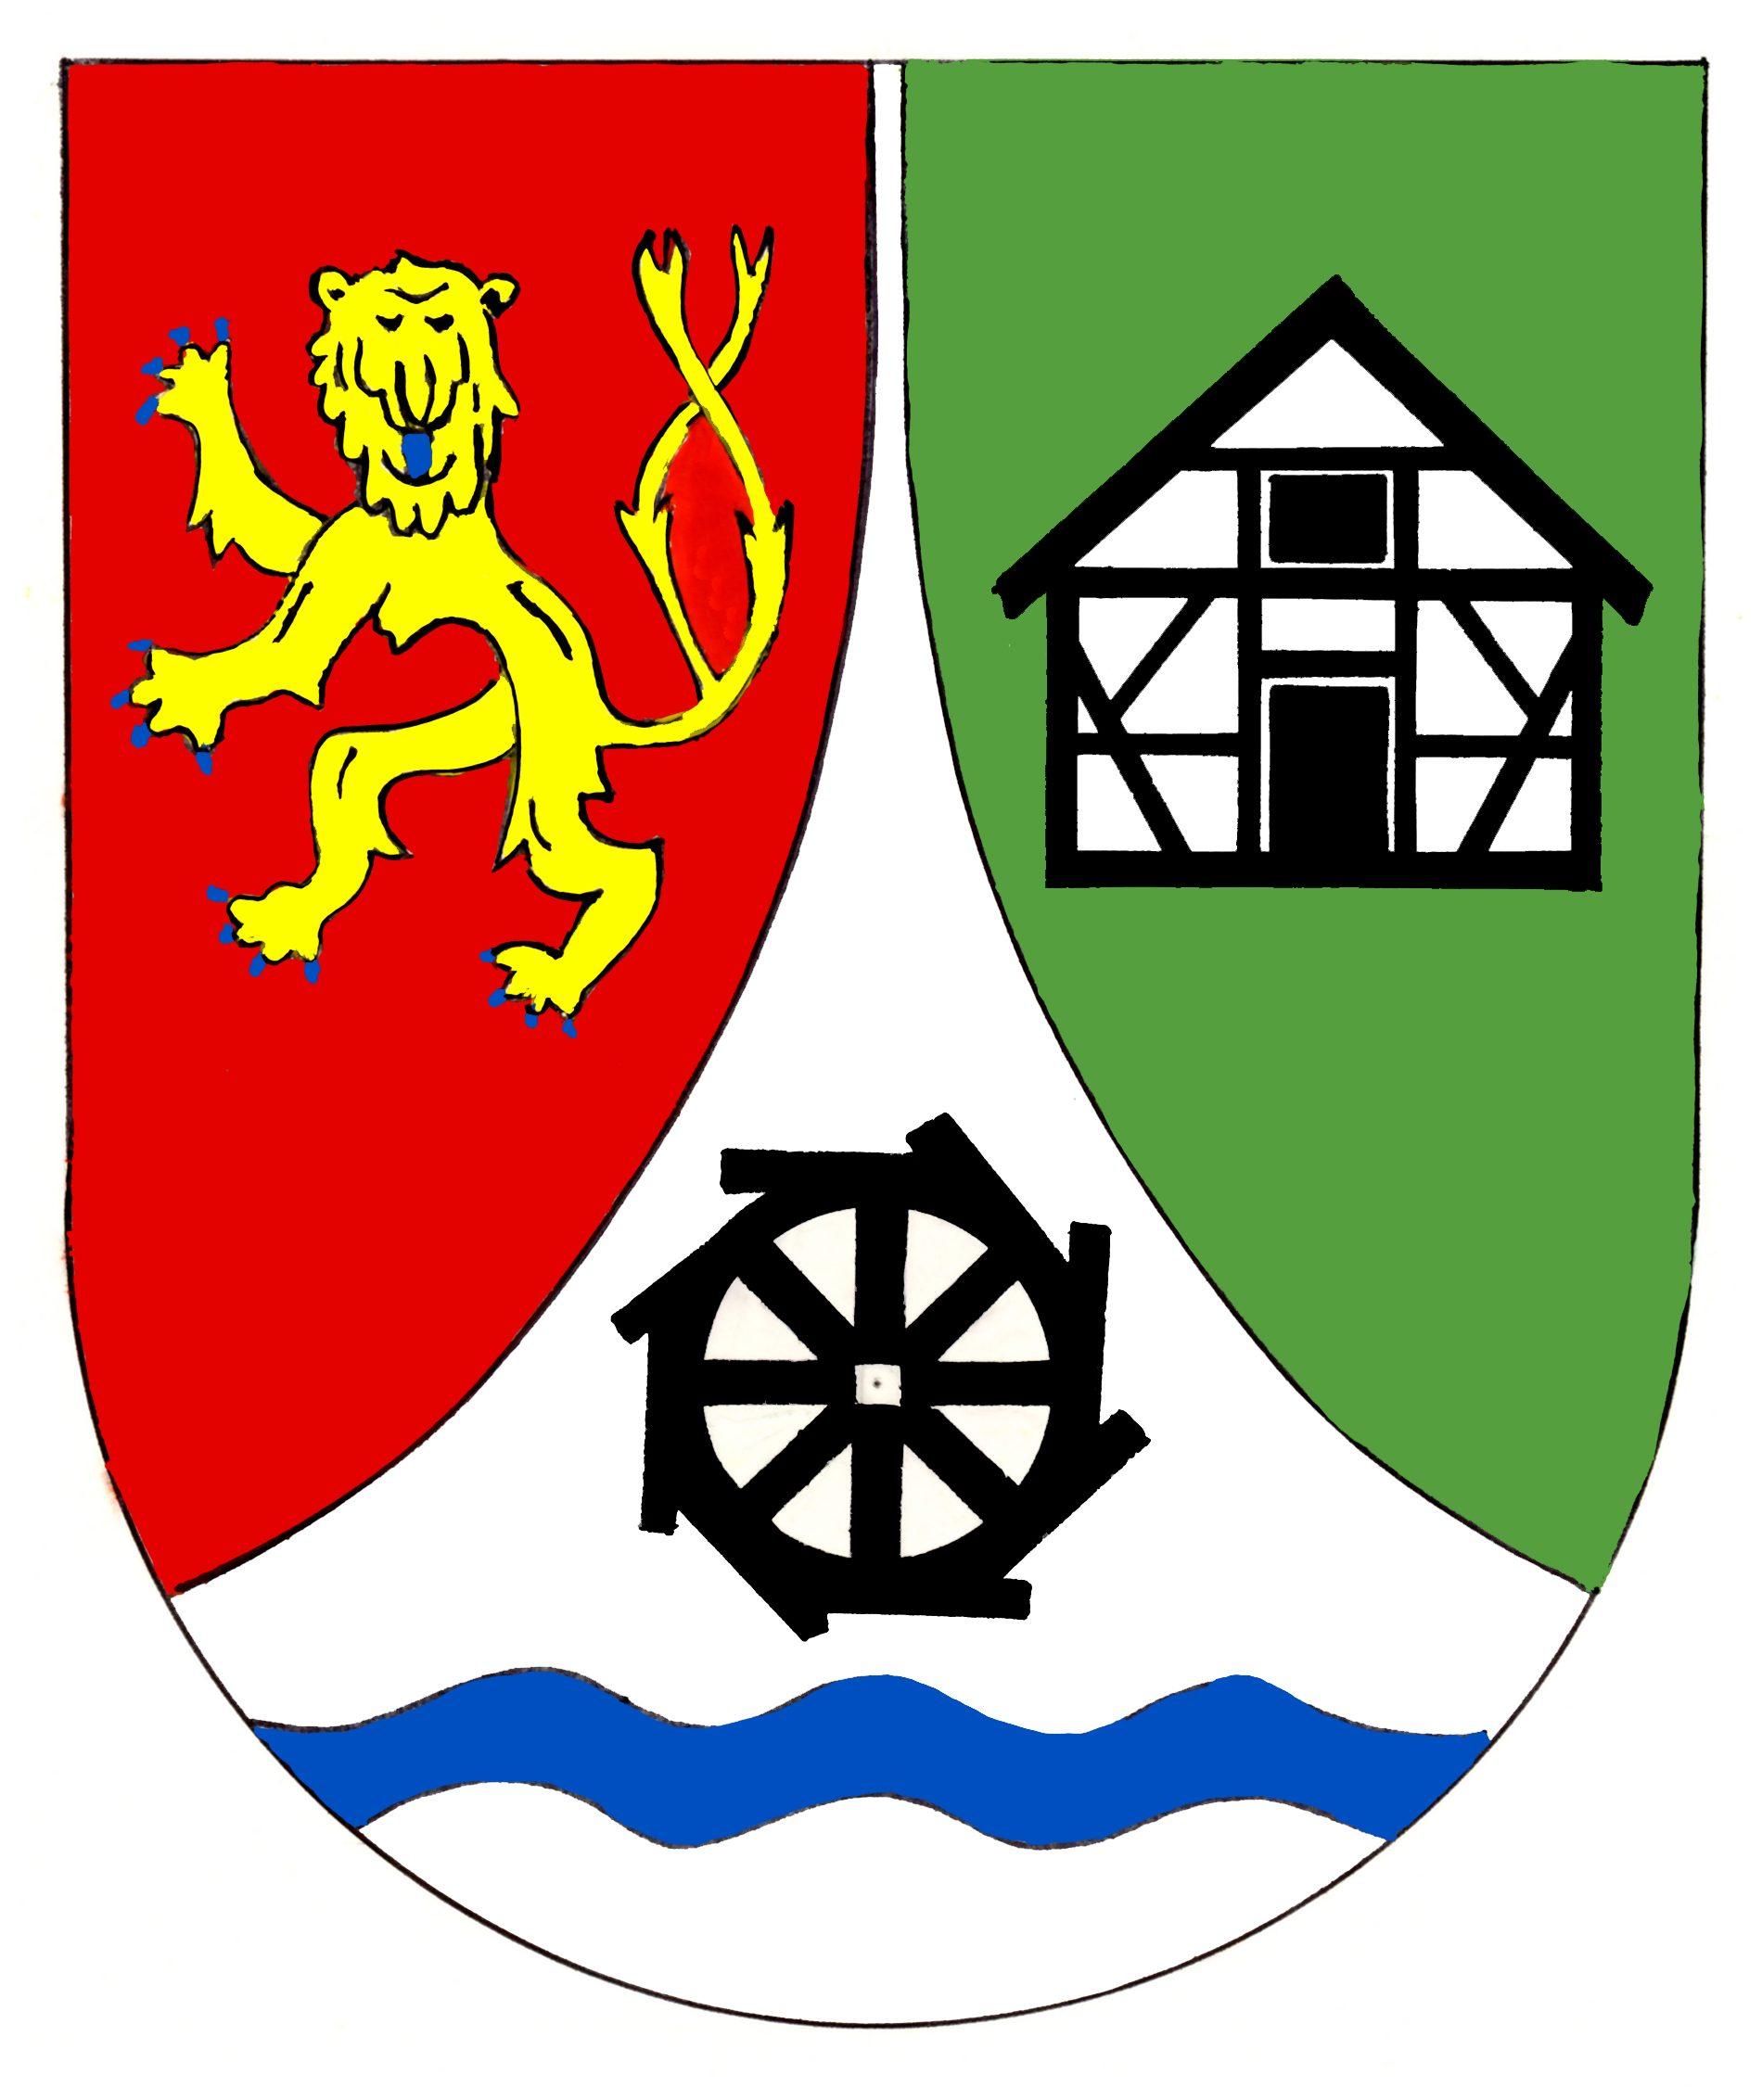 Ortsgemeinde Berzhausen